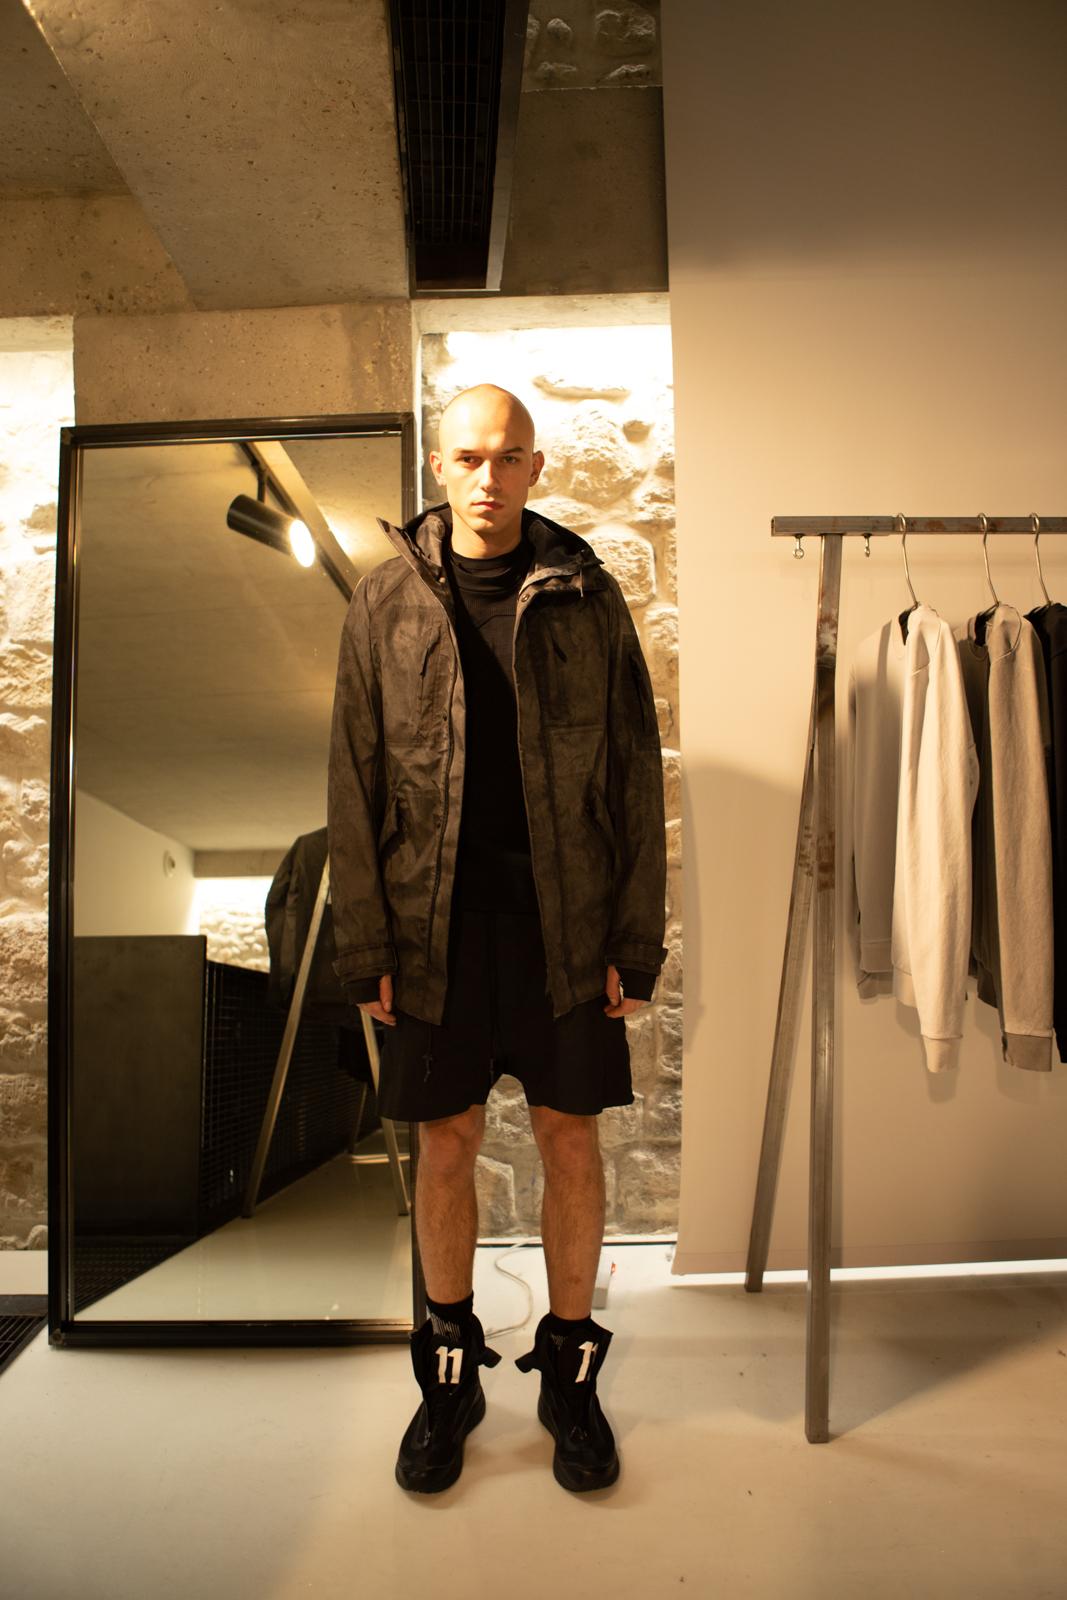 11 By Boris Bidjan Saberi High Zip Cold Dye Hooded Jacket Drawstring Shorts Salomon Bamba 2 High Skeaners in Black FW20